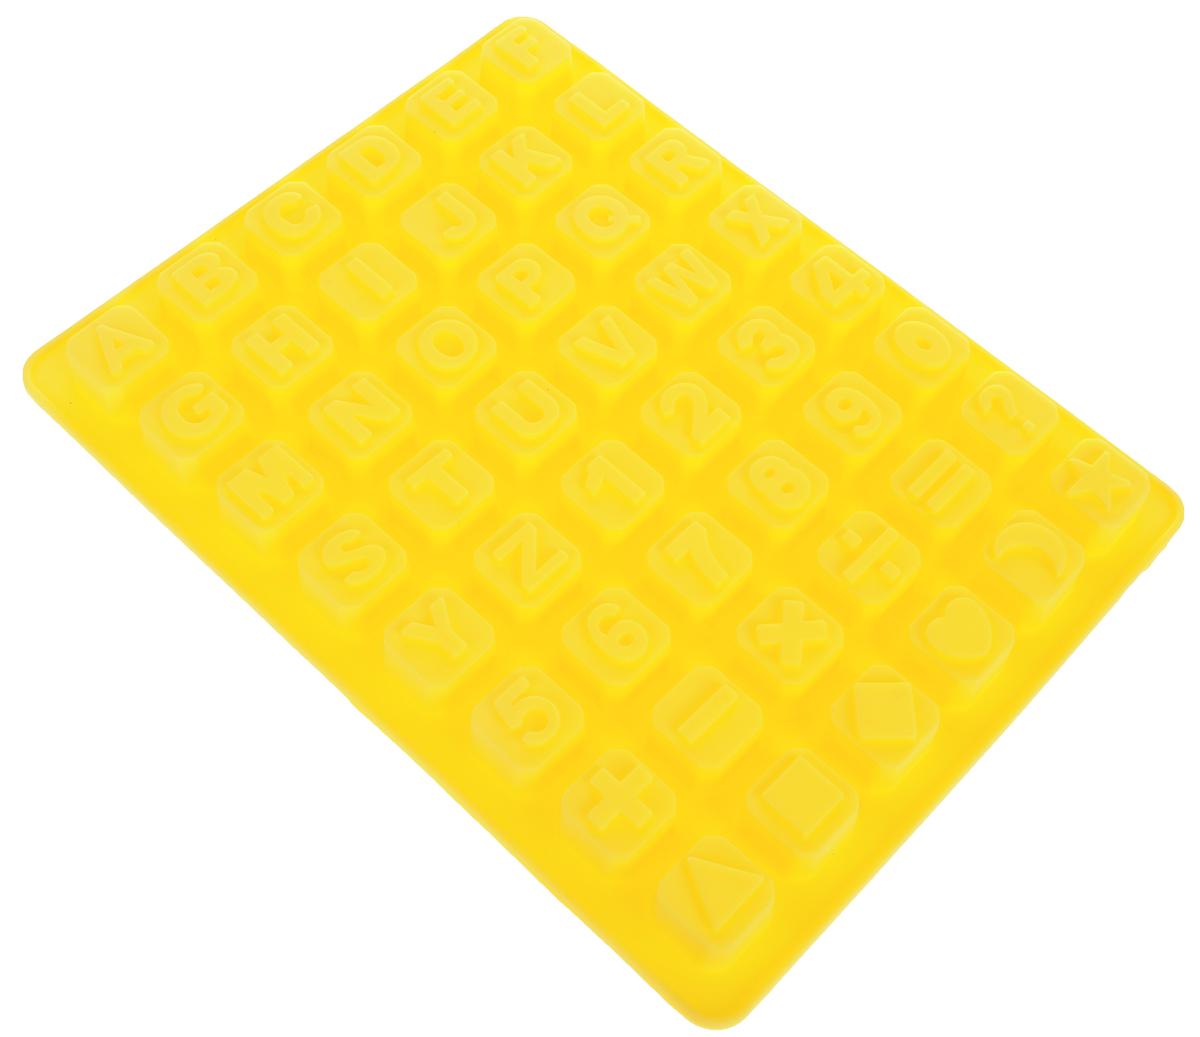 Форма для льда и шоколада Доляна Английский алфавит, цвет: желтый, 48 ячеек, 23,5 х 18 х 1,6 см1403979_желтыйФигурная форма для льда и шоколада Доляна Английский алфавит выполнена из пищевого силикона, который не впитывает запахов, отличается прочностью и долговечностью. Материал полностью безопасен для продуктов питания. Кроме того, силикон выдерживает температуру от -40°С до +250°С, что позволяет использовать форму в духовом шкафу и морозильной камере. Благодаря гибкости материала готовый продукт легко вынимается и не крошится. С помощью такой формы можно приготовить оригинальные конфеты и фигурный лед. Приготовить миниатюрные украшения гораздо проще, чем кажется. Наполните силиконовую емкость расплавленным шоколадом, мастикой или водой и поместите в морозильную камеру. Вскоре у вас будут оригинальные фигурки, которые сделают запоминающимся любой праздничный стол! В формах можно заморозить сок или приготовить мини-порции мороженого, желе, шоколада или другого десерта. Особенно эффектно выглядят льдинки с замороженными внутри ягодами или дольками фруктов. Заморозив настой из трав, можно использовать его в косметологических целях. Форма легко отмывается, в том числе в посудомоечной машине.